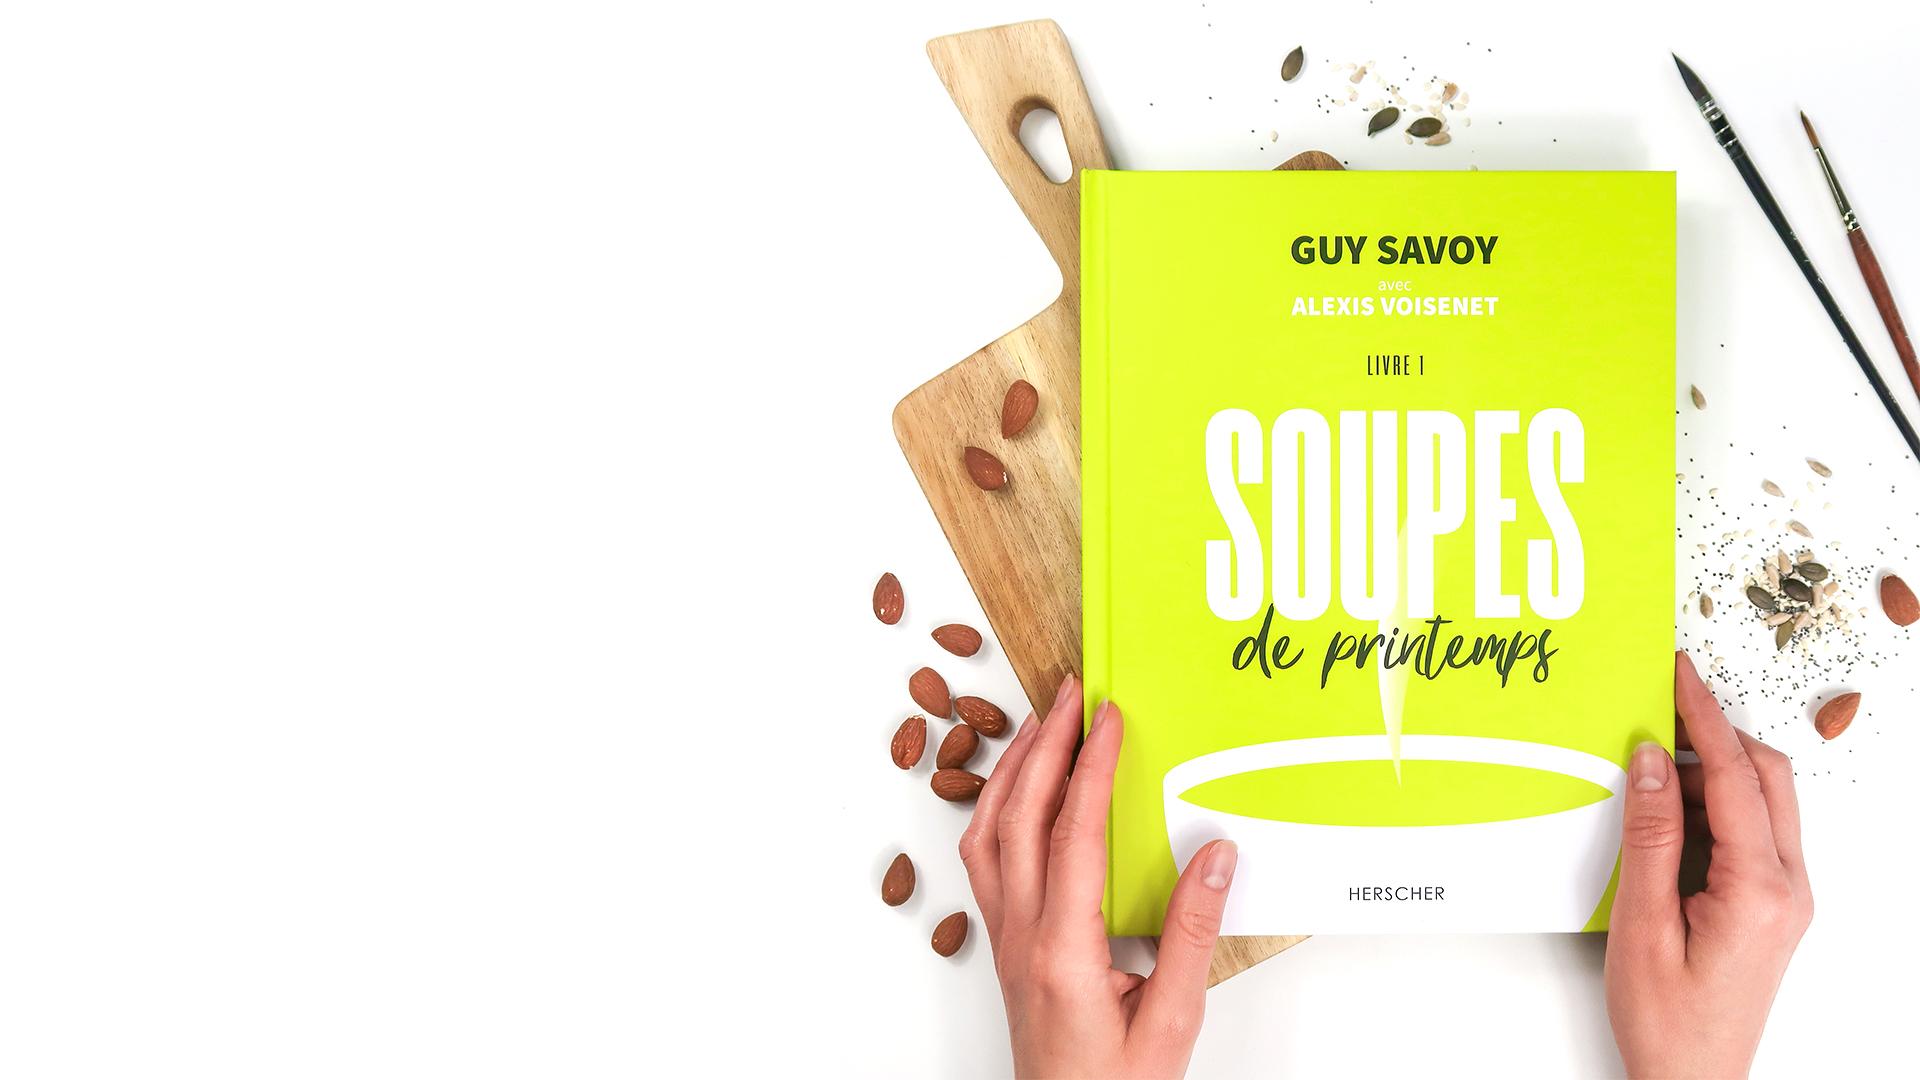 slide-livre-soupe-guy-savoy